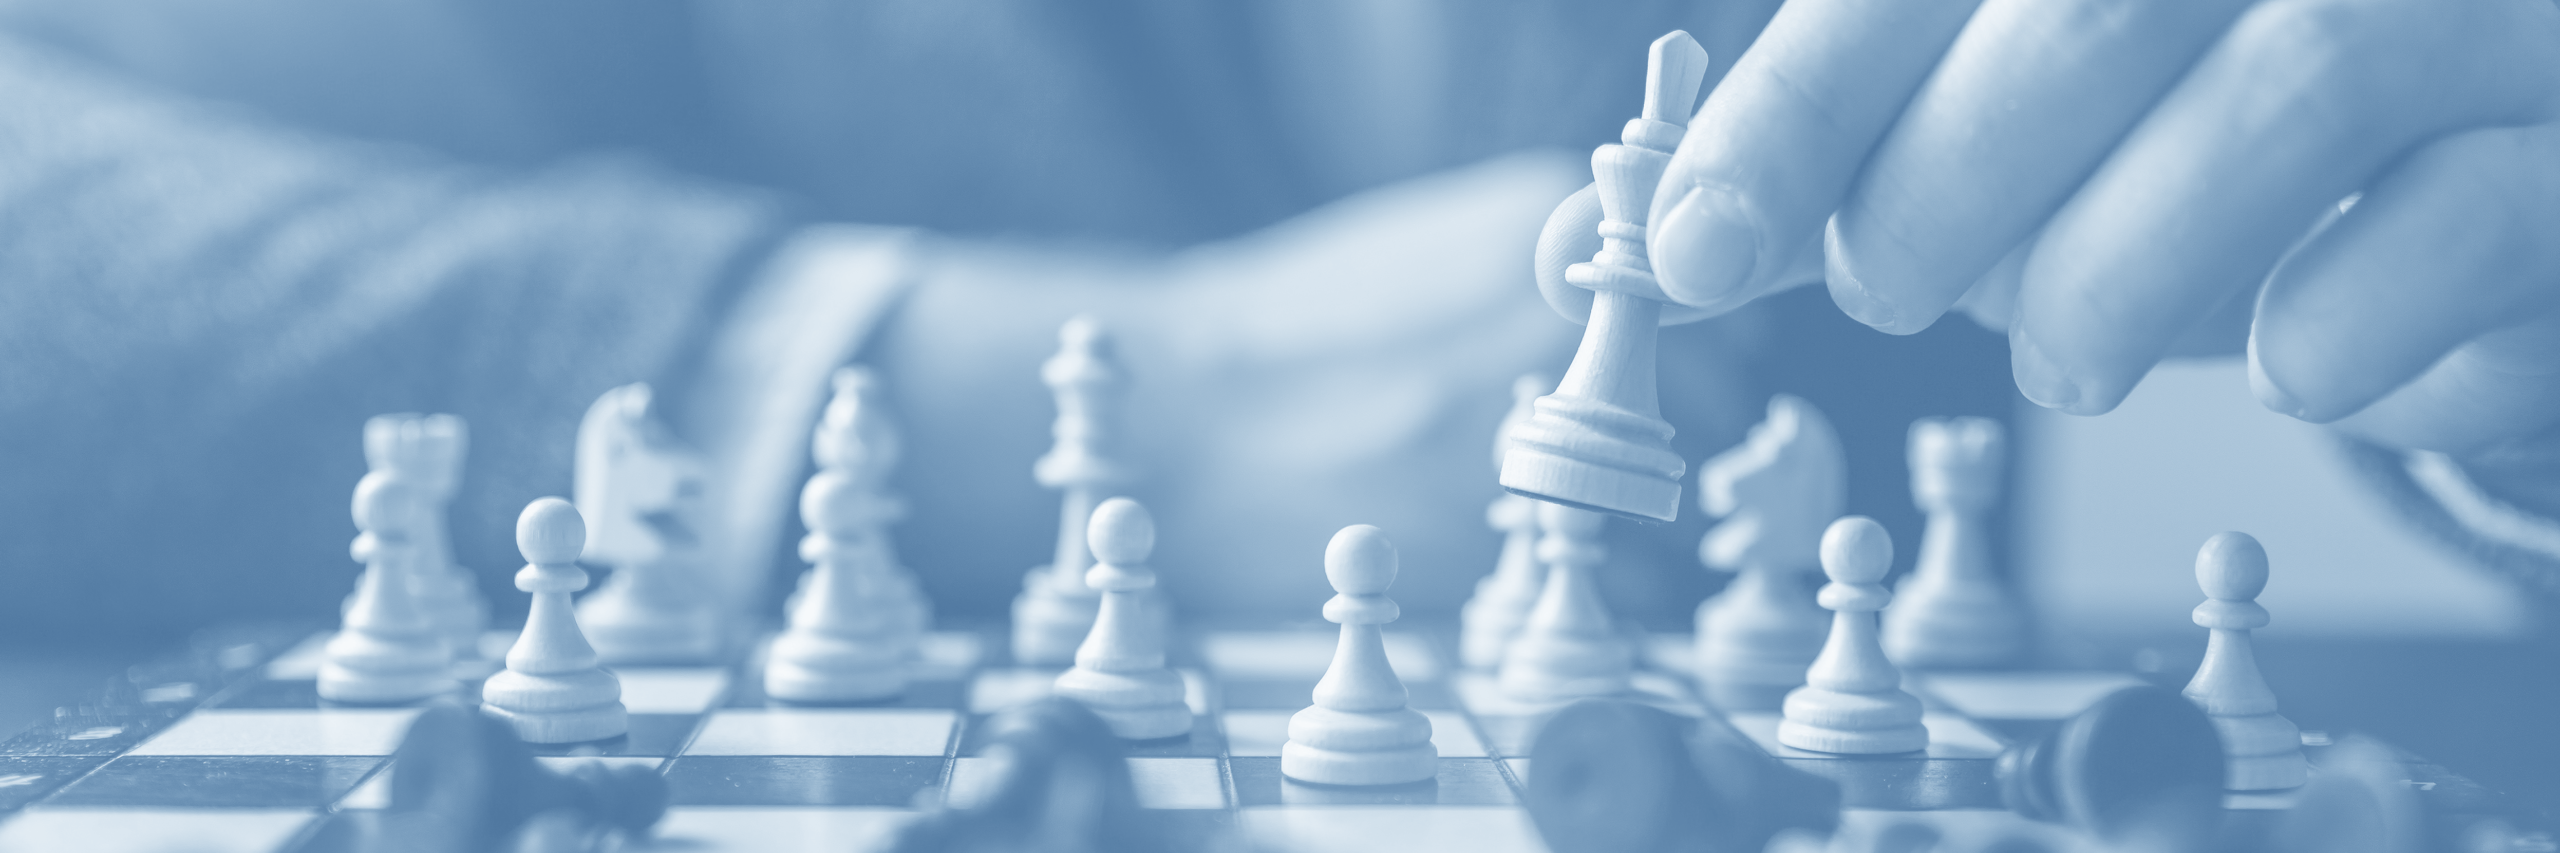 Técnica, táctica y estrategia, ¿quién son?